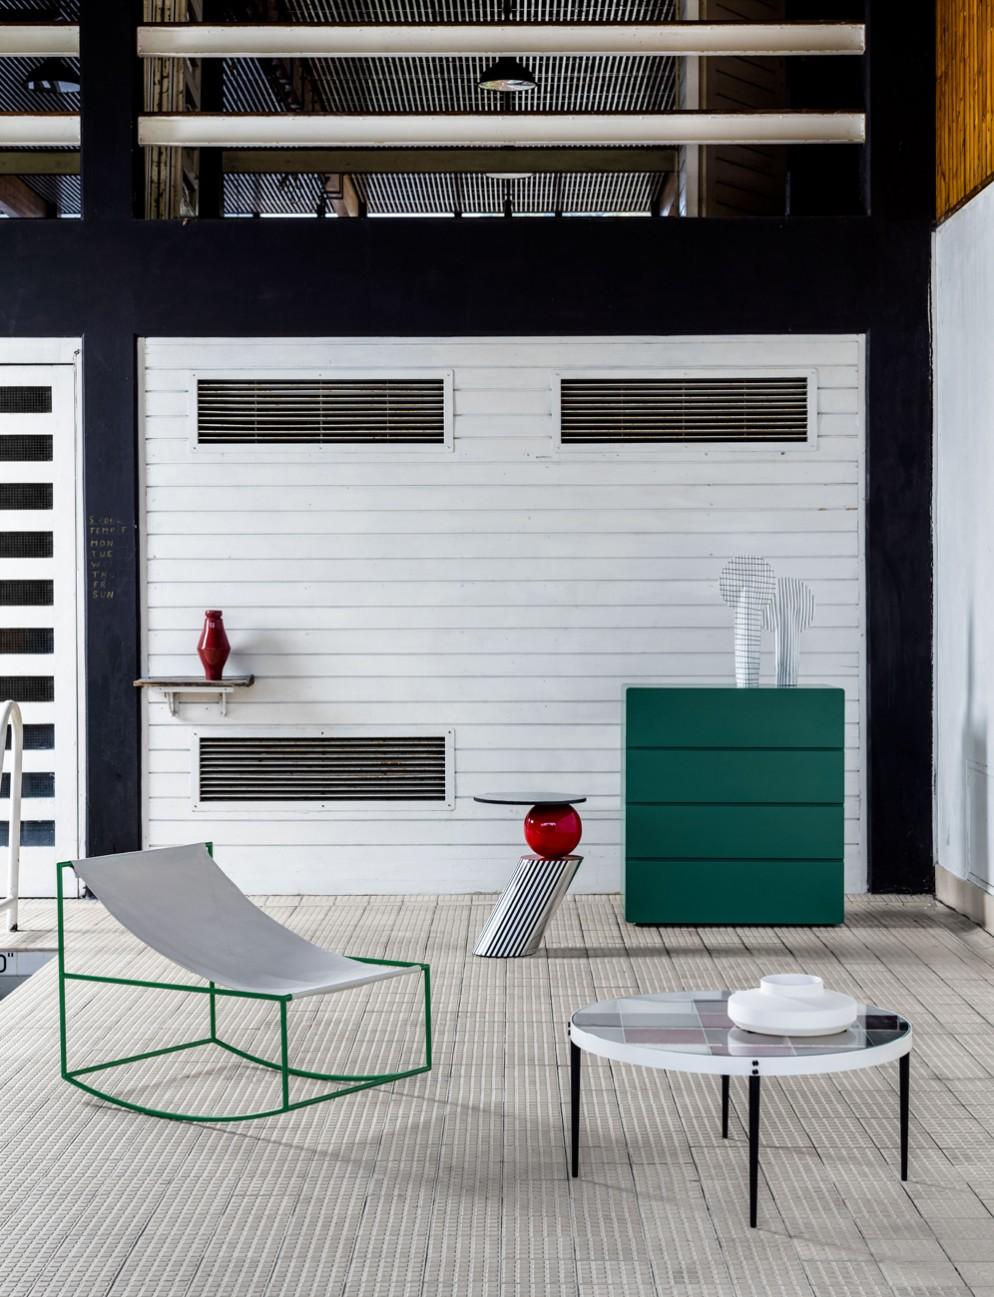 design-outdoor-despina-03